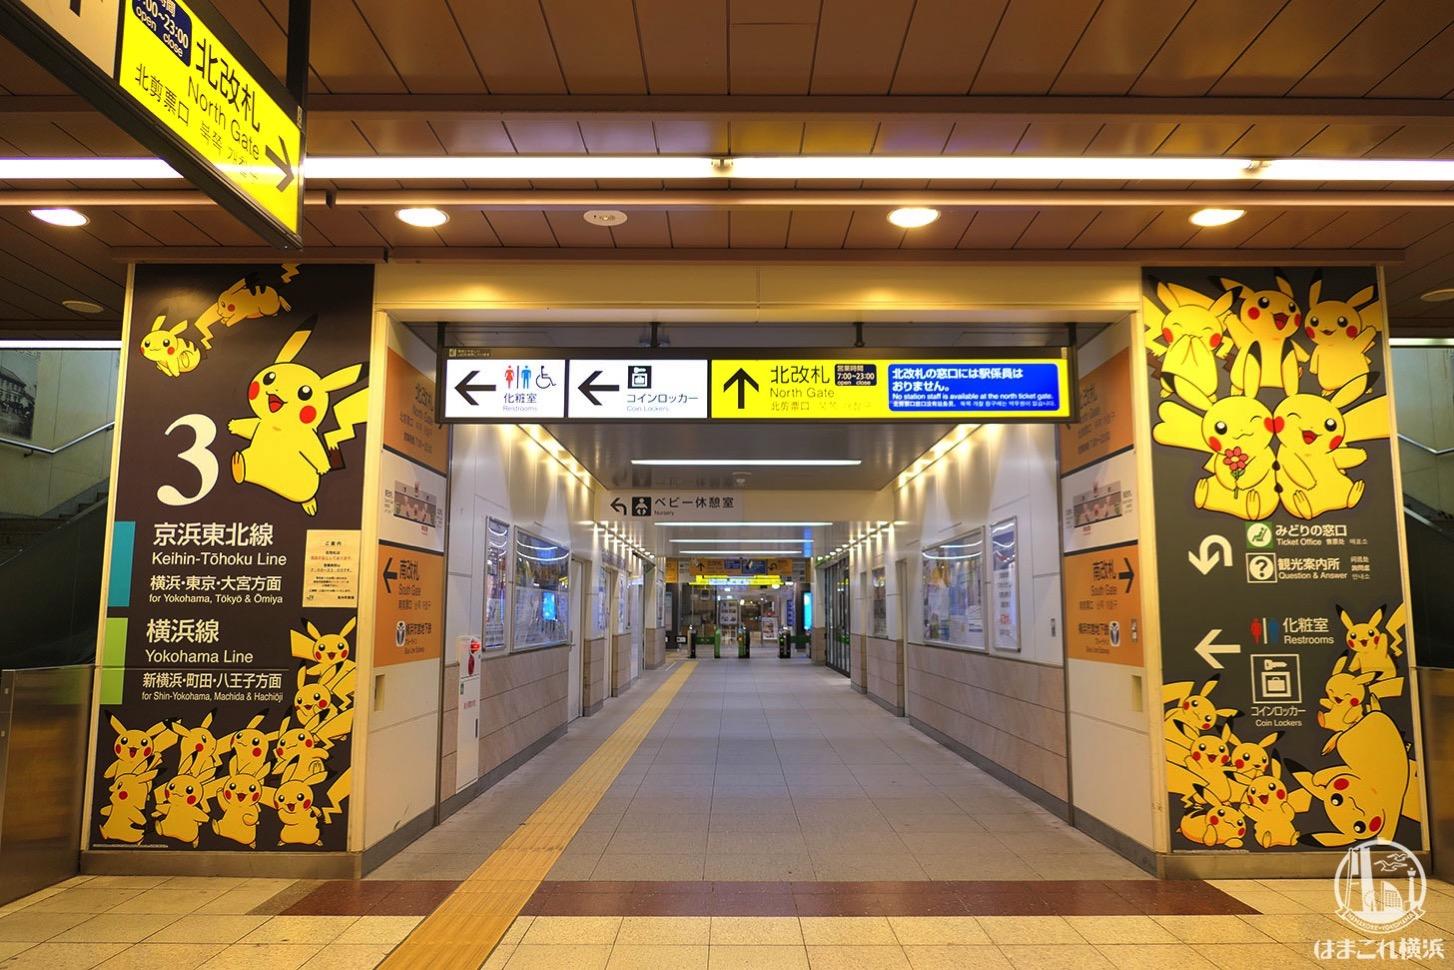 2019年 桜木町駅のピカチュウ装飾、ピカブイ撮ってきた!ピカチュウ大量発生